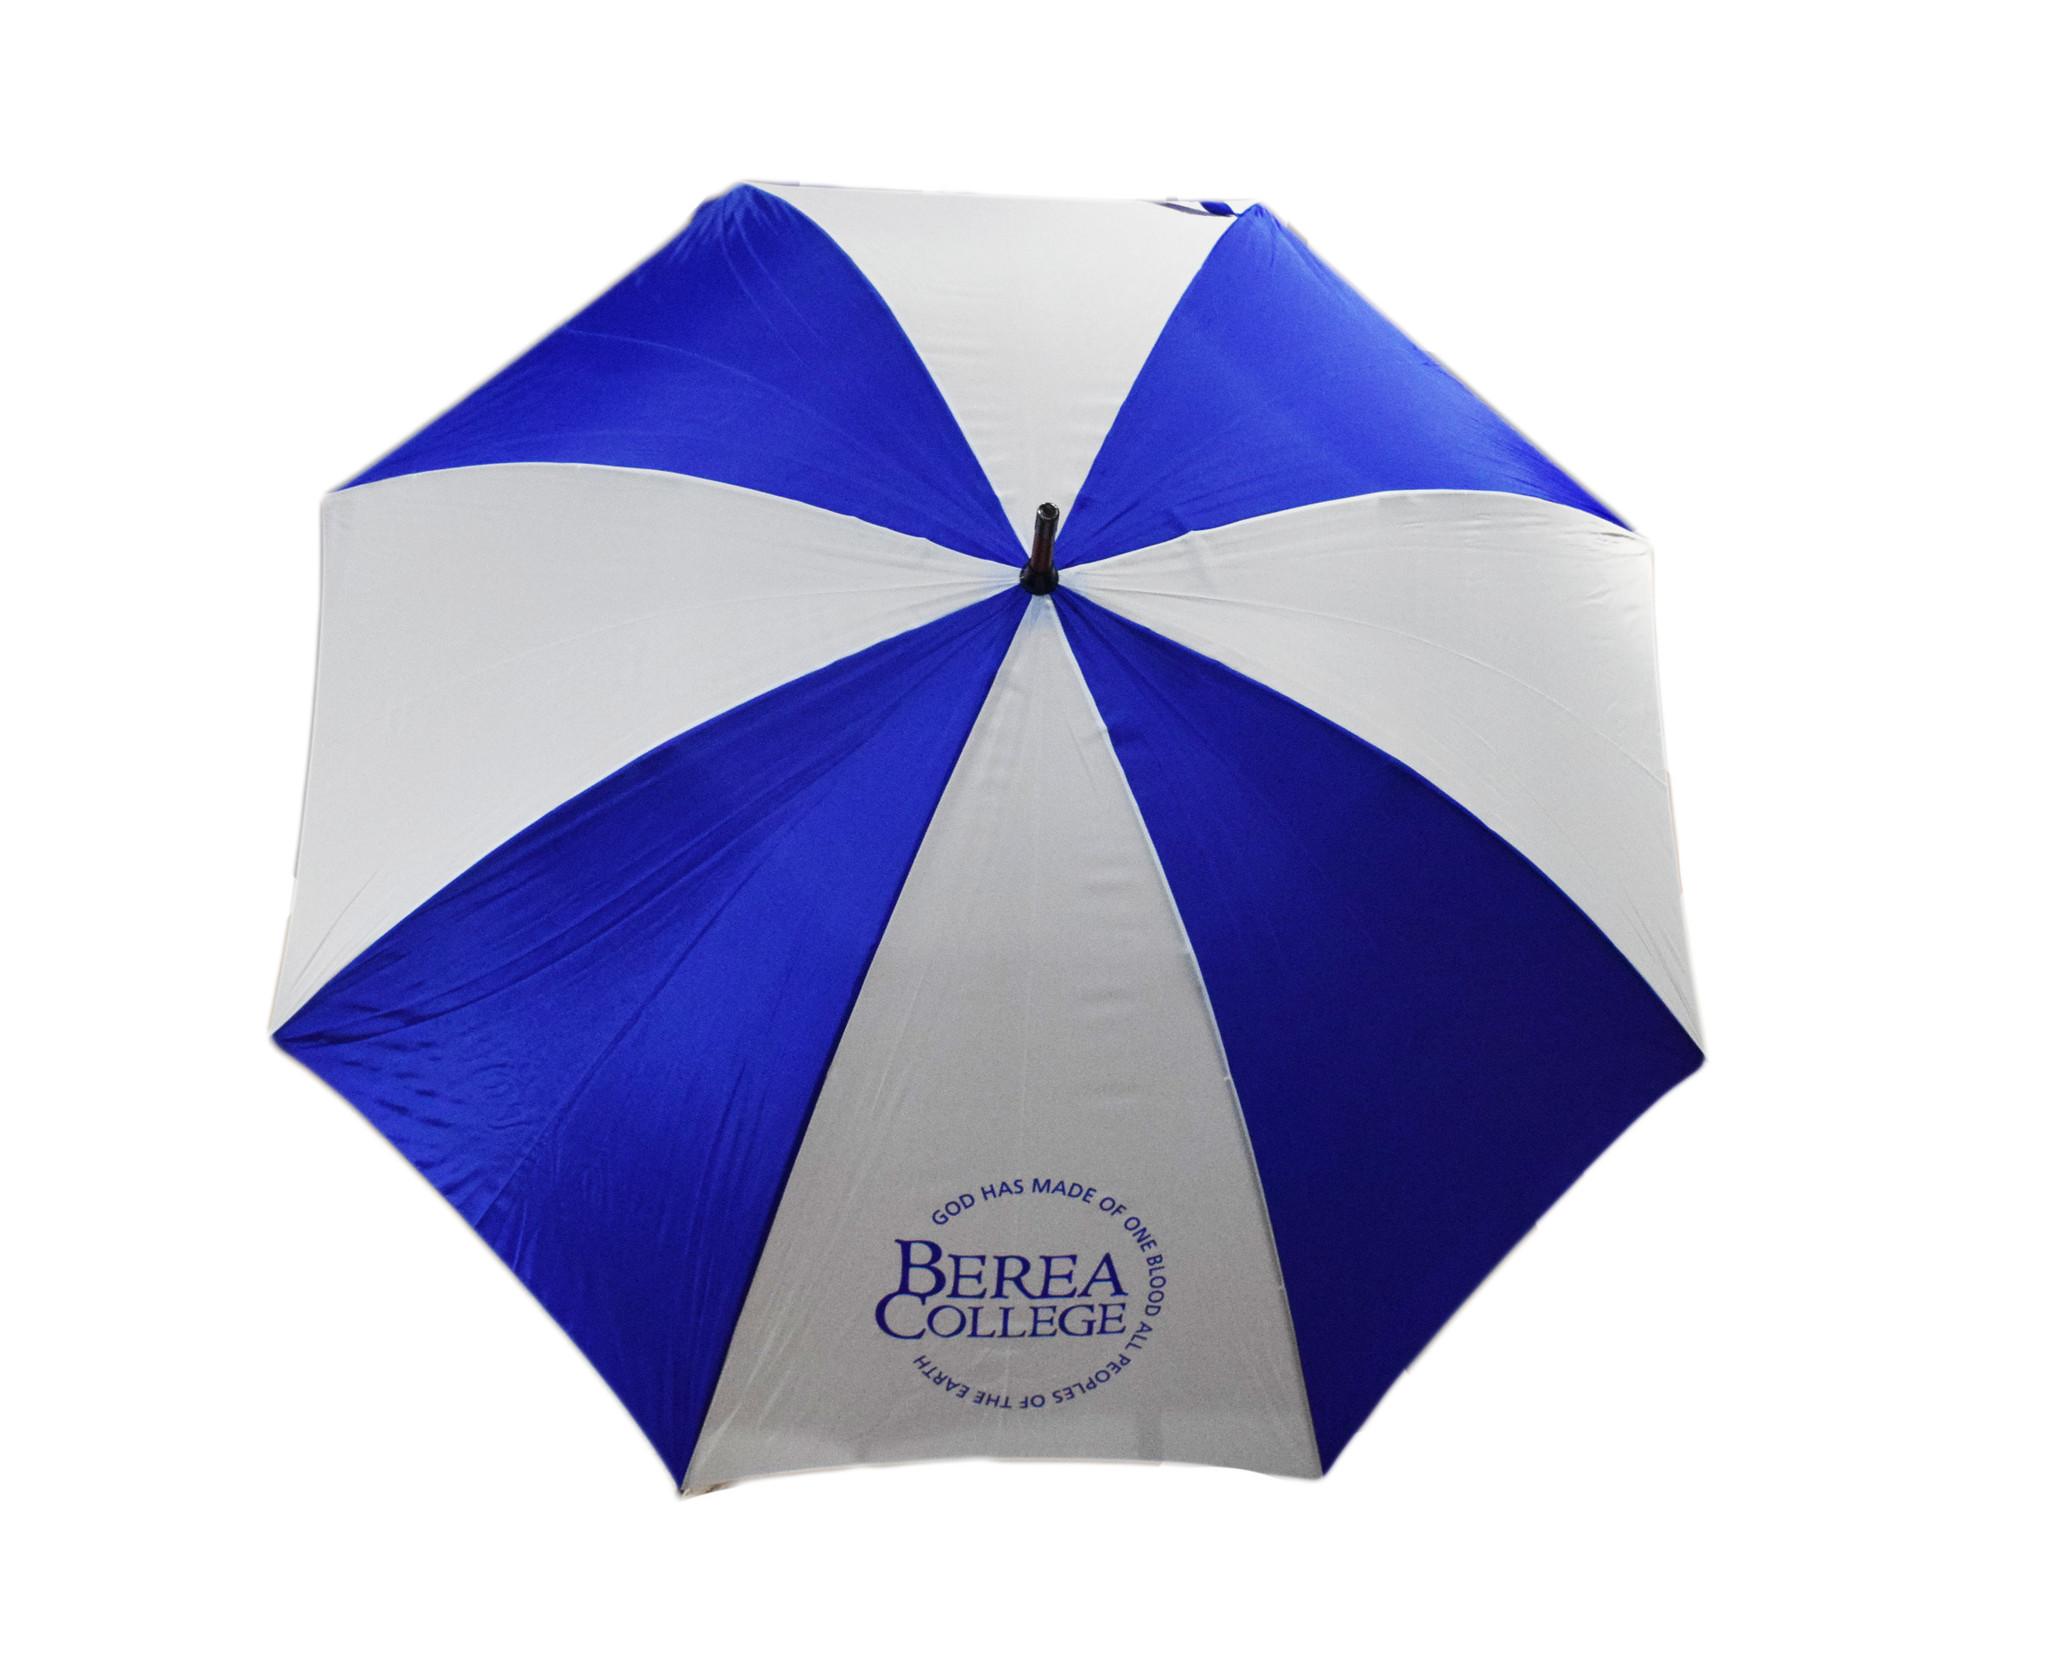 Berea Motto  Blue and White Umbrella-1